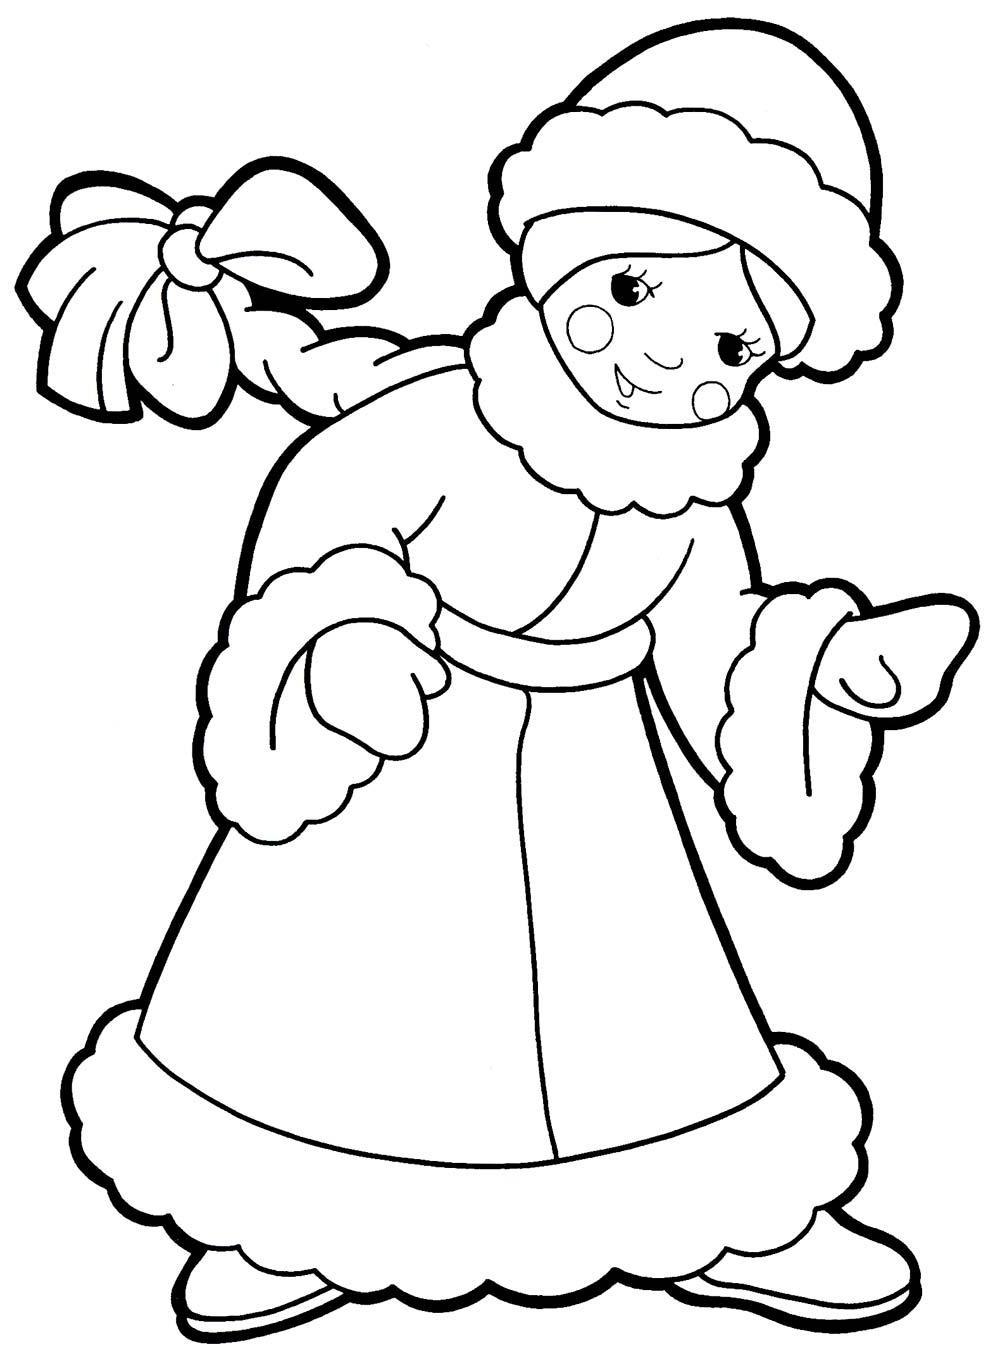 Ausmalbilder, Malvorlagen von Schneewittchen kostenlos zum ...